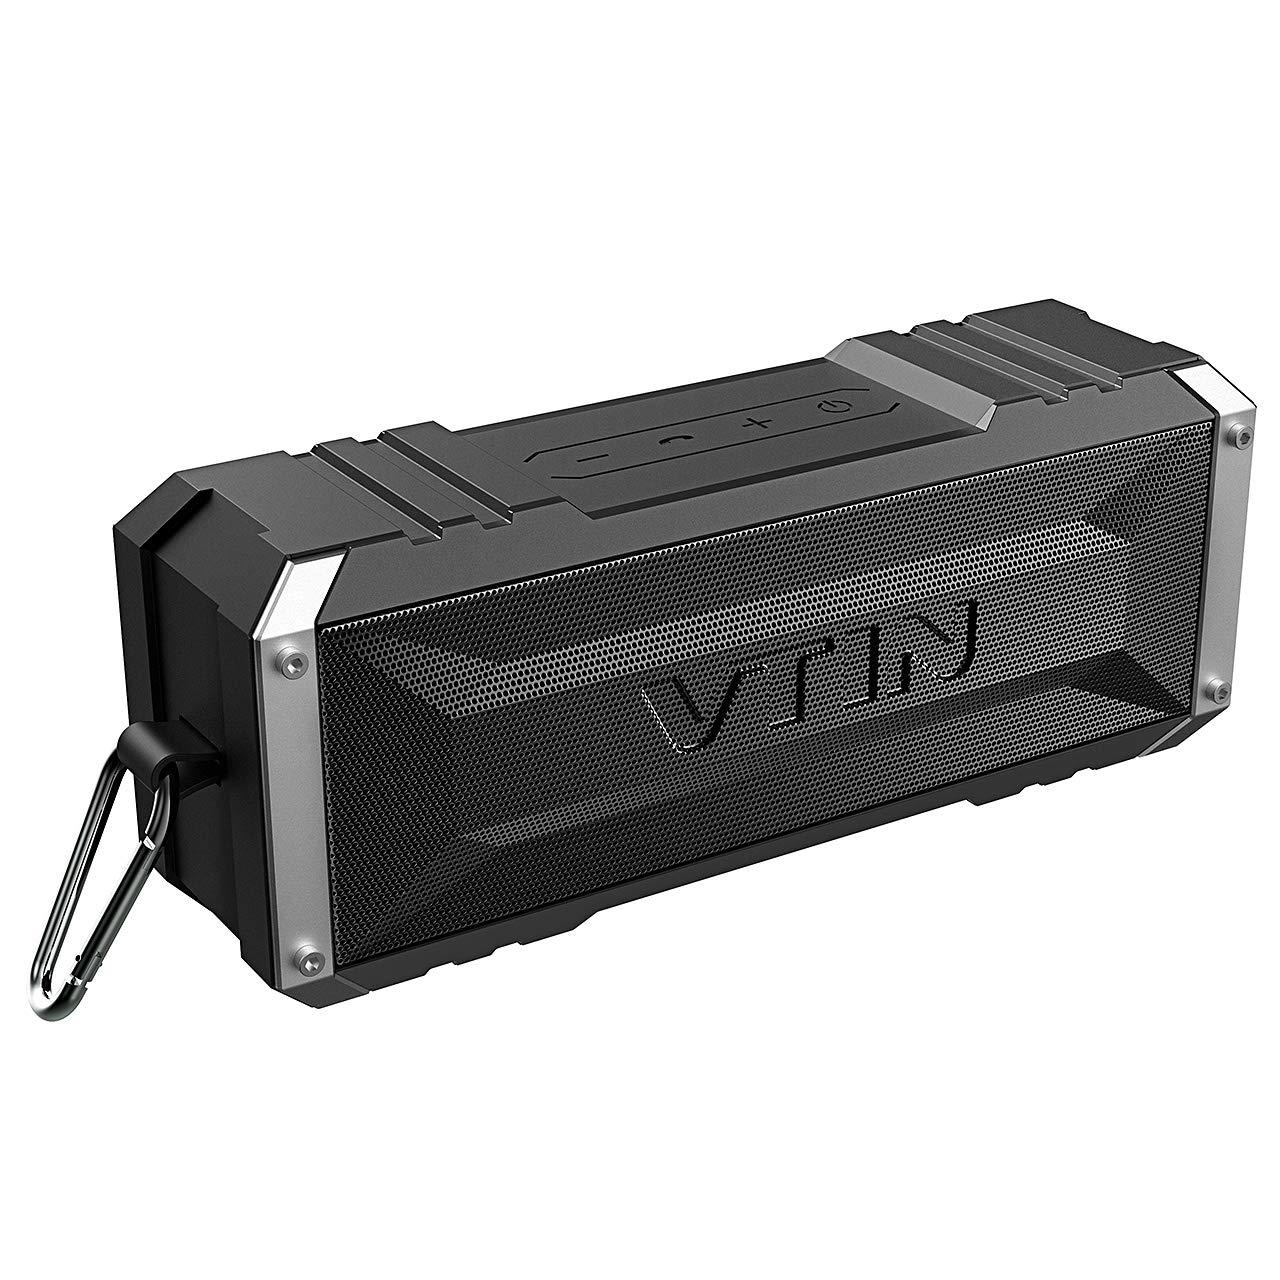 Vtin Punker -Altavoz Bluetooth , Premium 20W con Radiador Pasivo, 30 Horas de Emisión